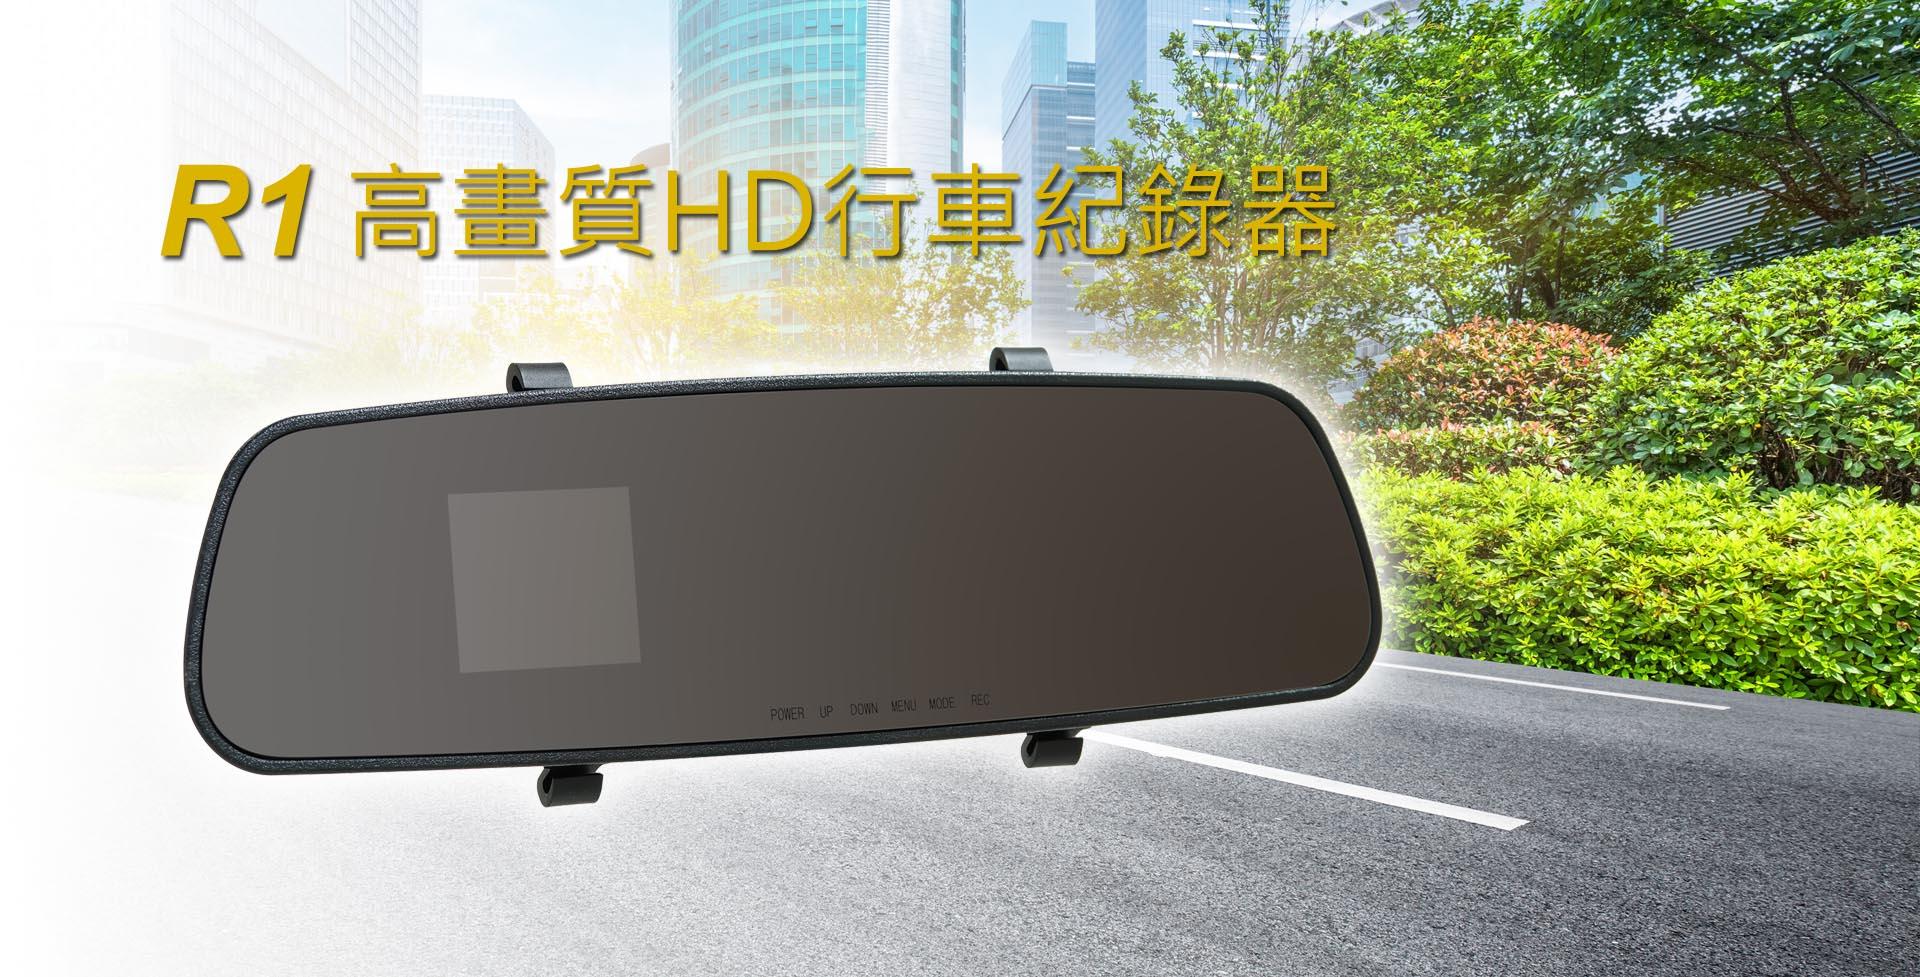 限量25台~超低價~後視鏡行車紀錄器~ 1080P 行車記錄器 停車監控 行車記錄器